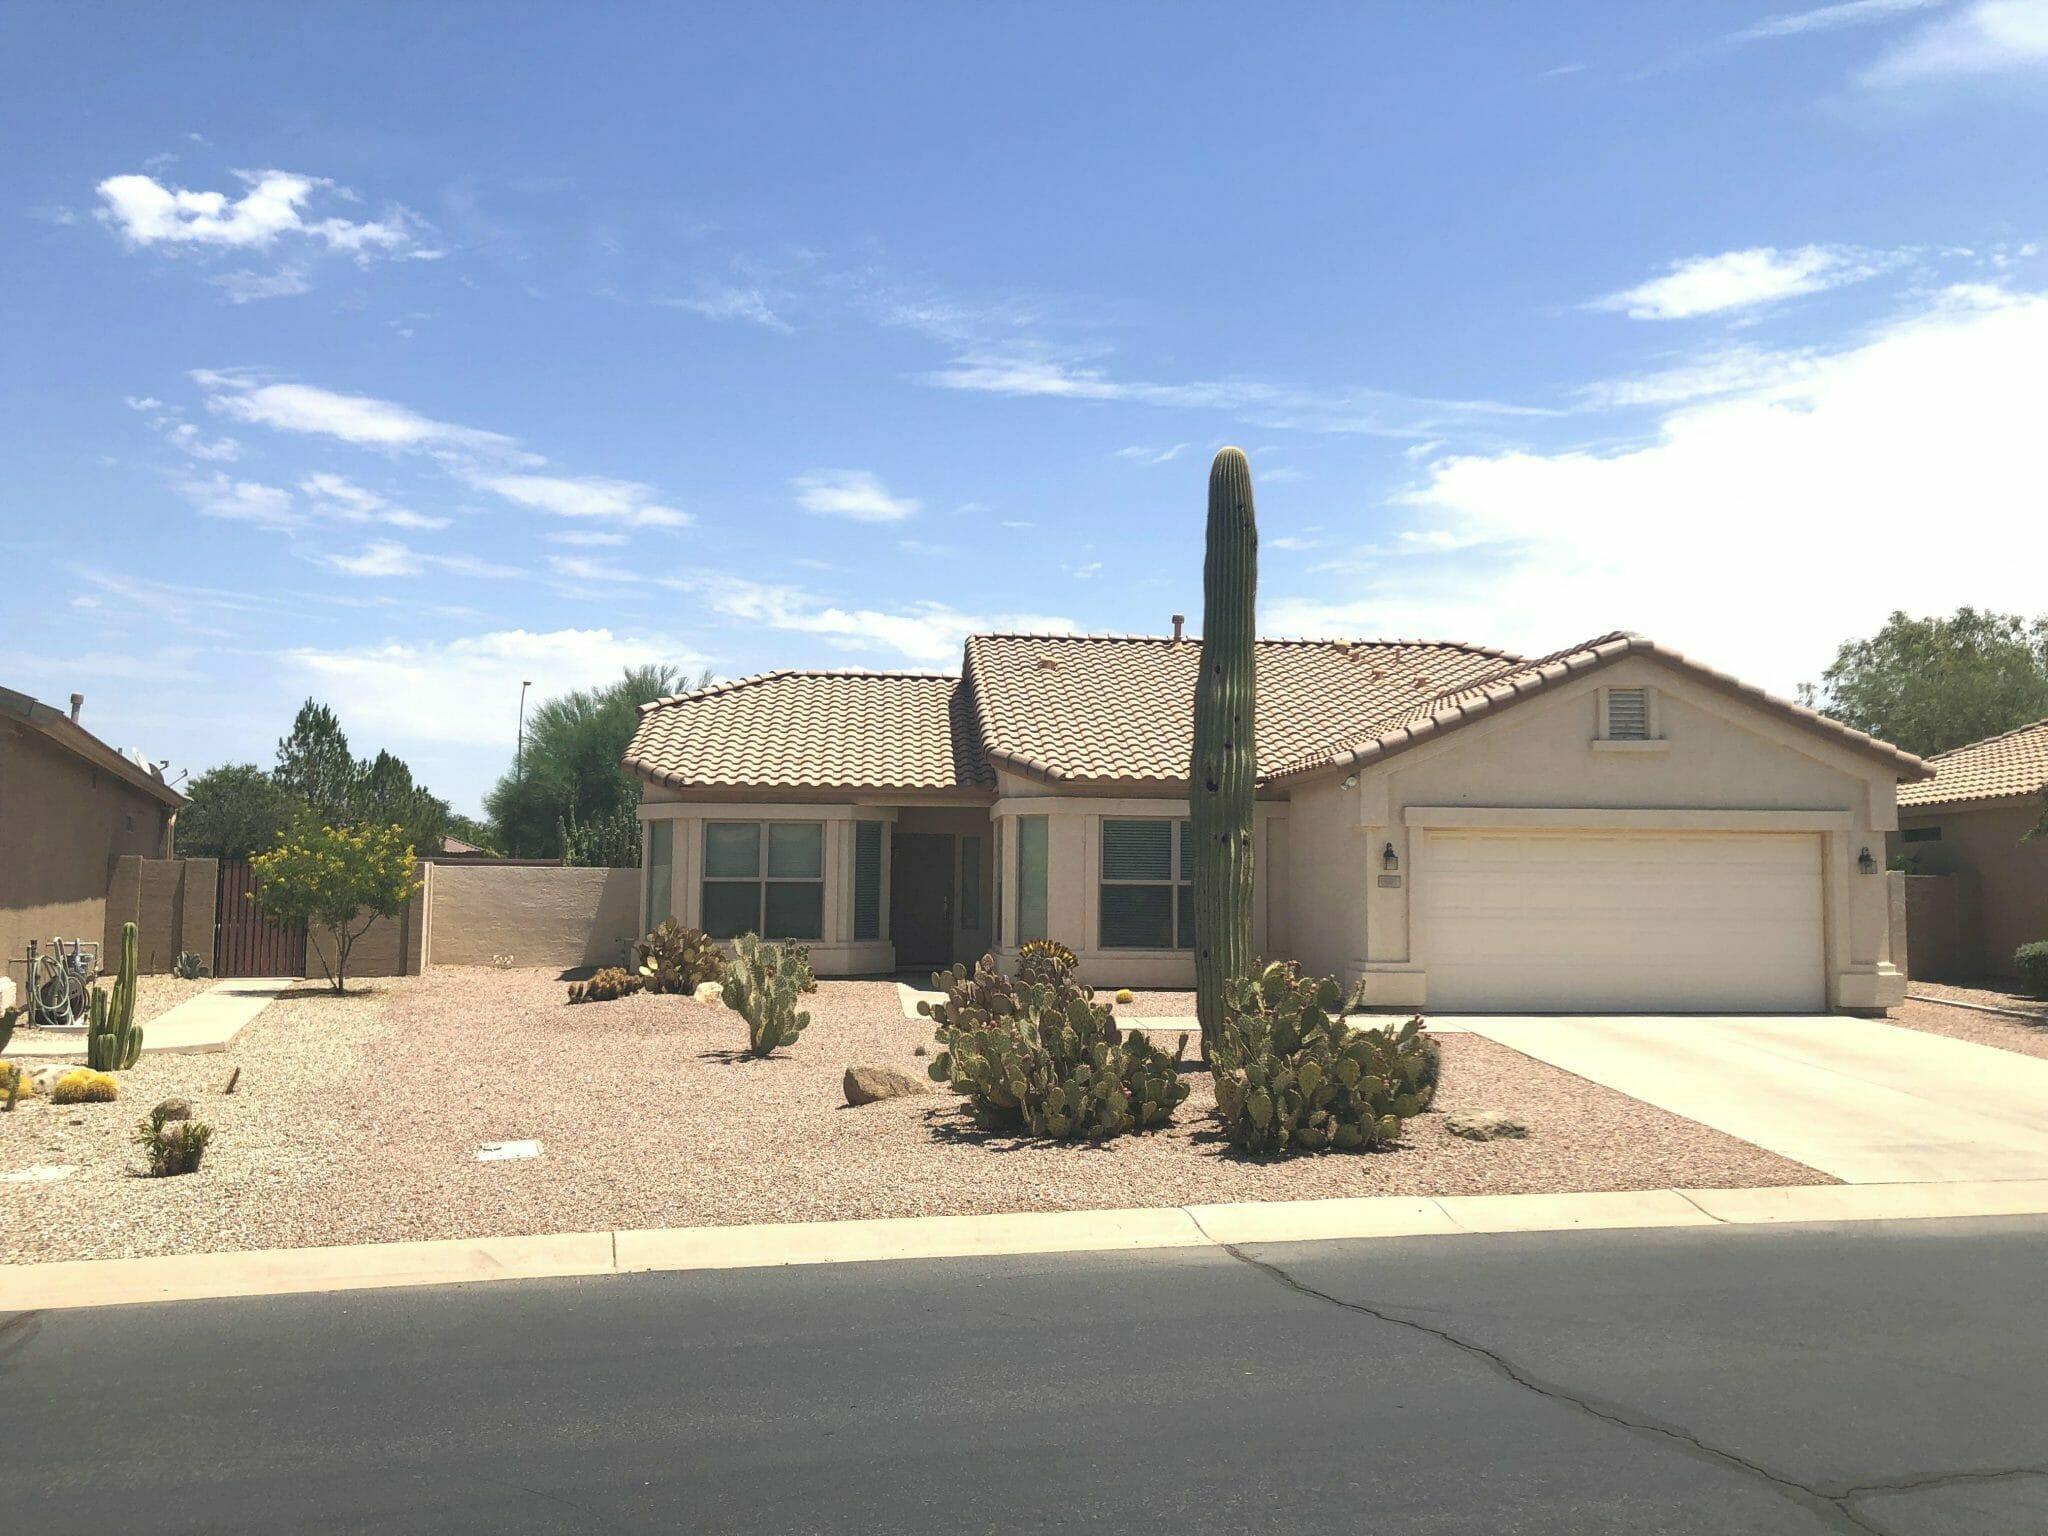 6901 S Granite Dr, Chandler, AZ 85249